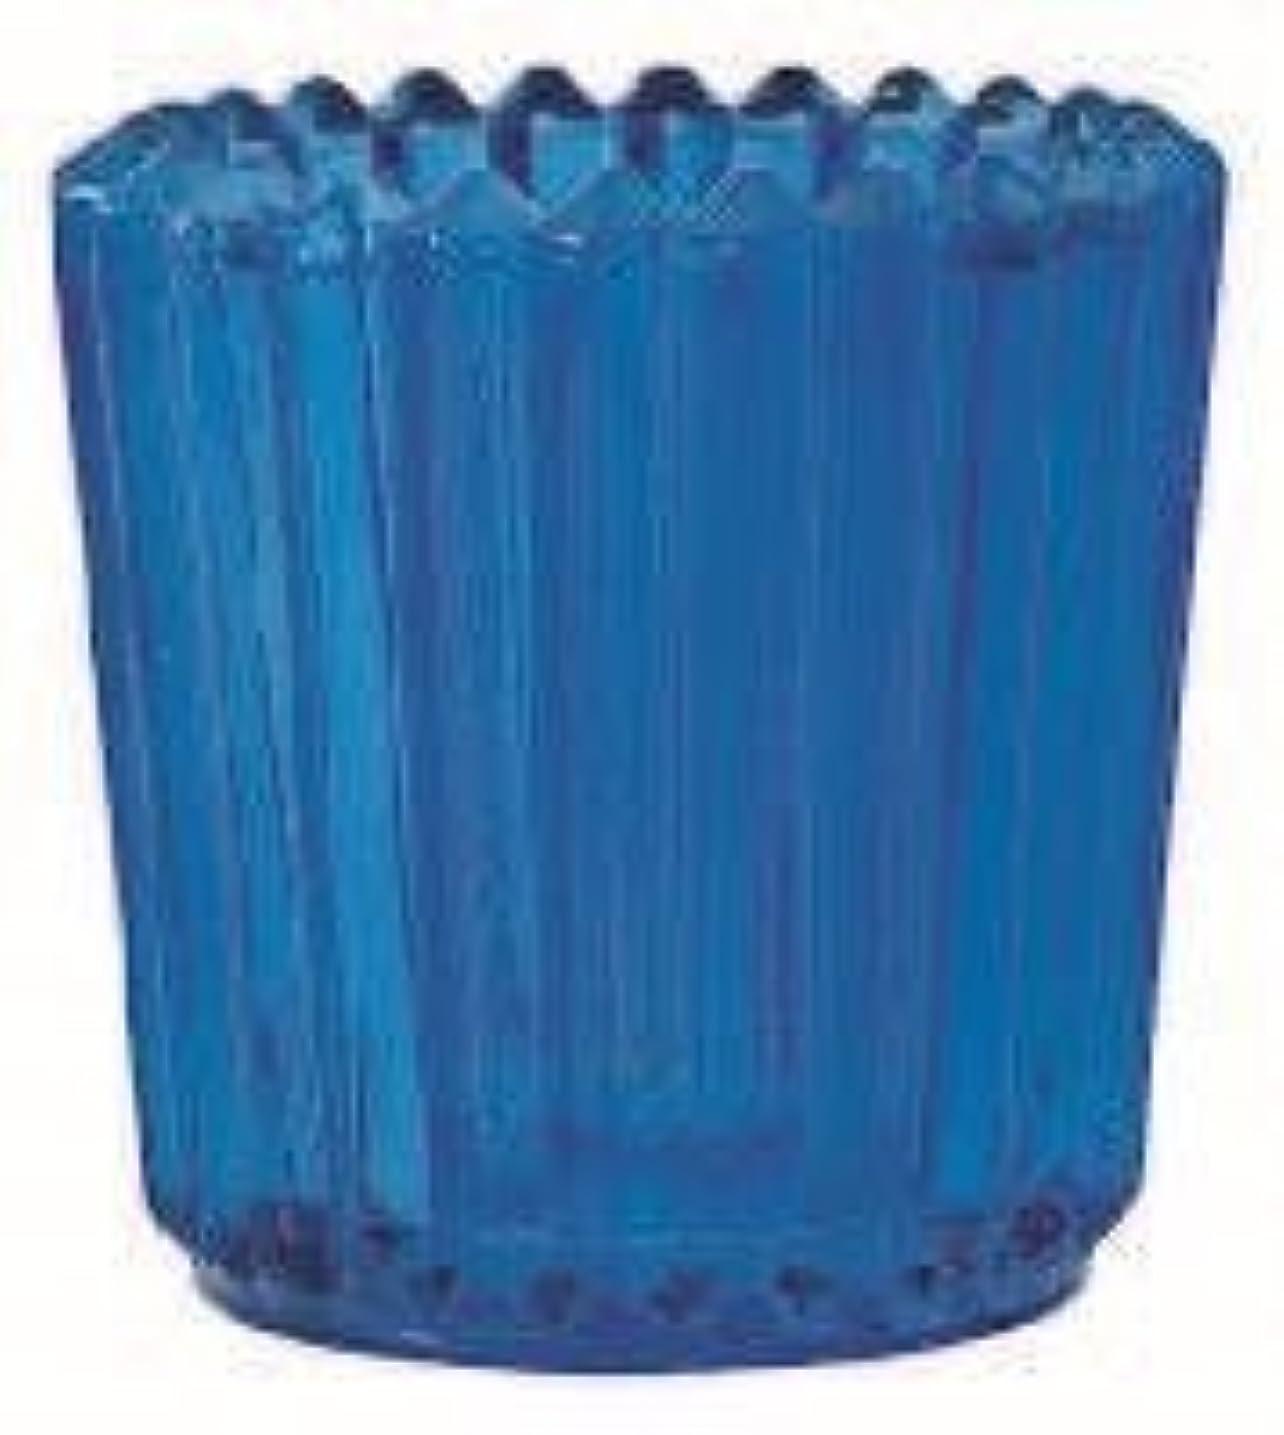 プラス移植睡眠kameyama candle(カメヤマキャンドル) ソレイユ 「 ブルー 」(J5120000BL)